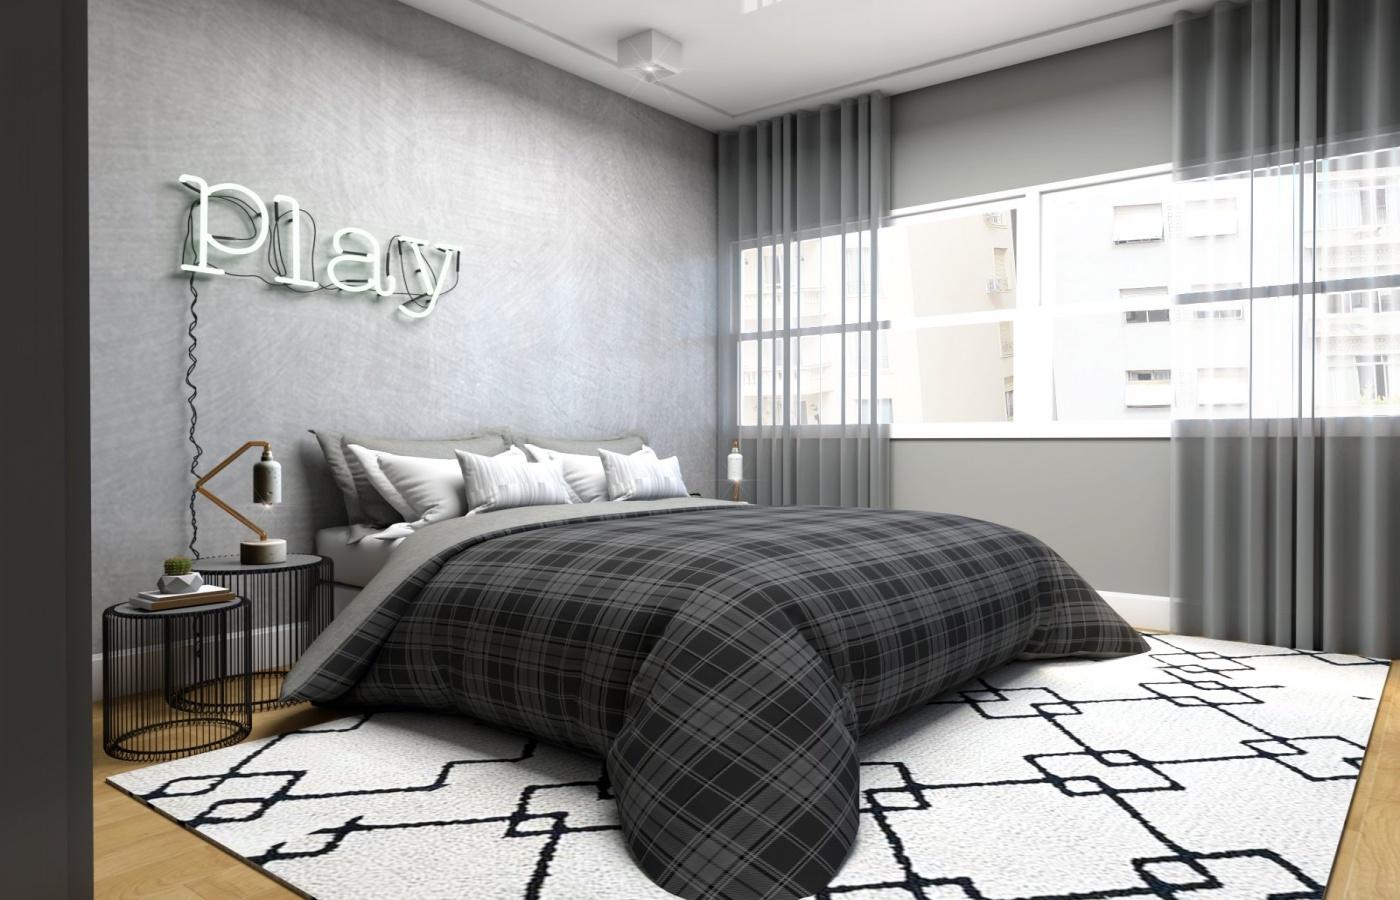 77 Rua Urimonduba, 04530-080, São Paulo, 2 Bedrooms Bedrooms, ,2 BathroomsBathrooms,Apartamento,Vendas,Edifício Jaqueline,Rua Urimonduba,8,1024